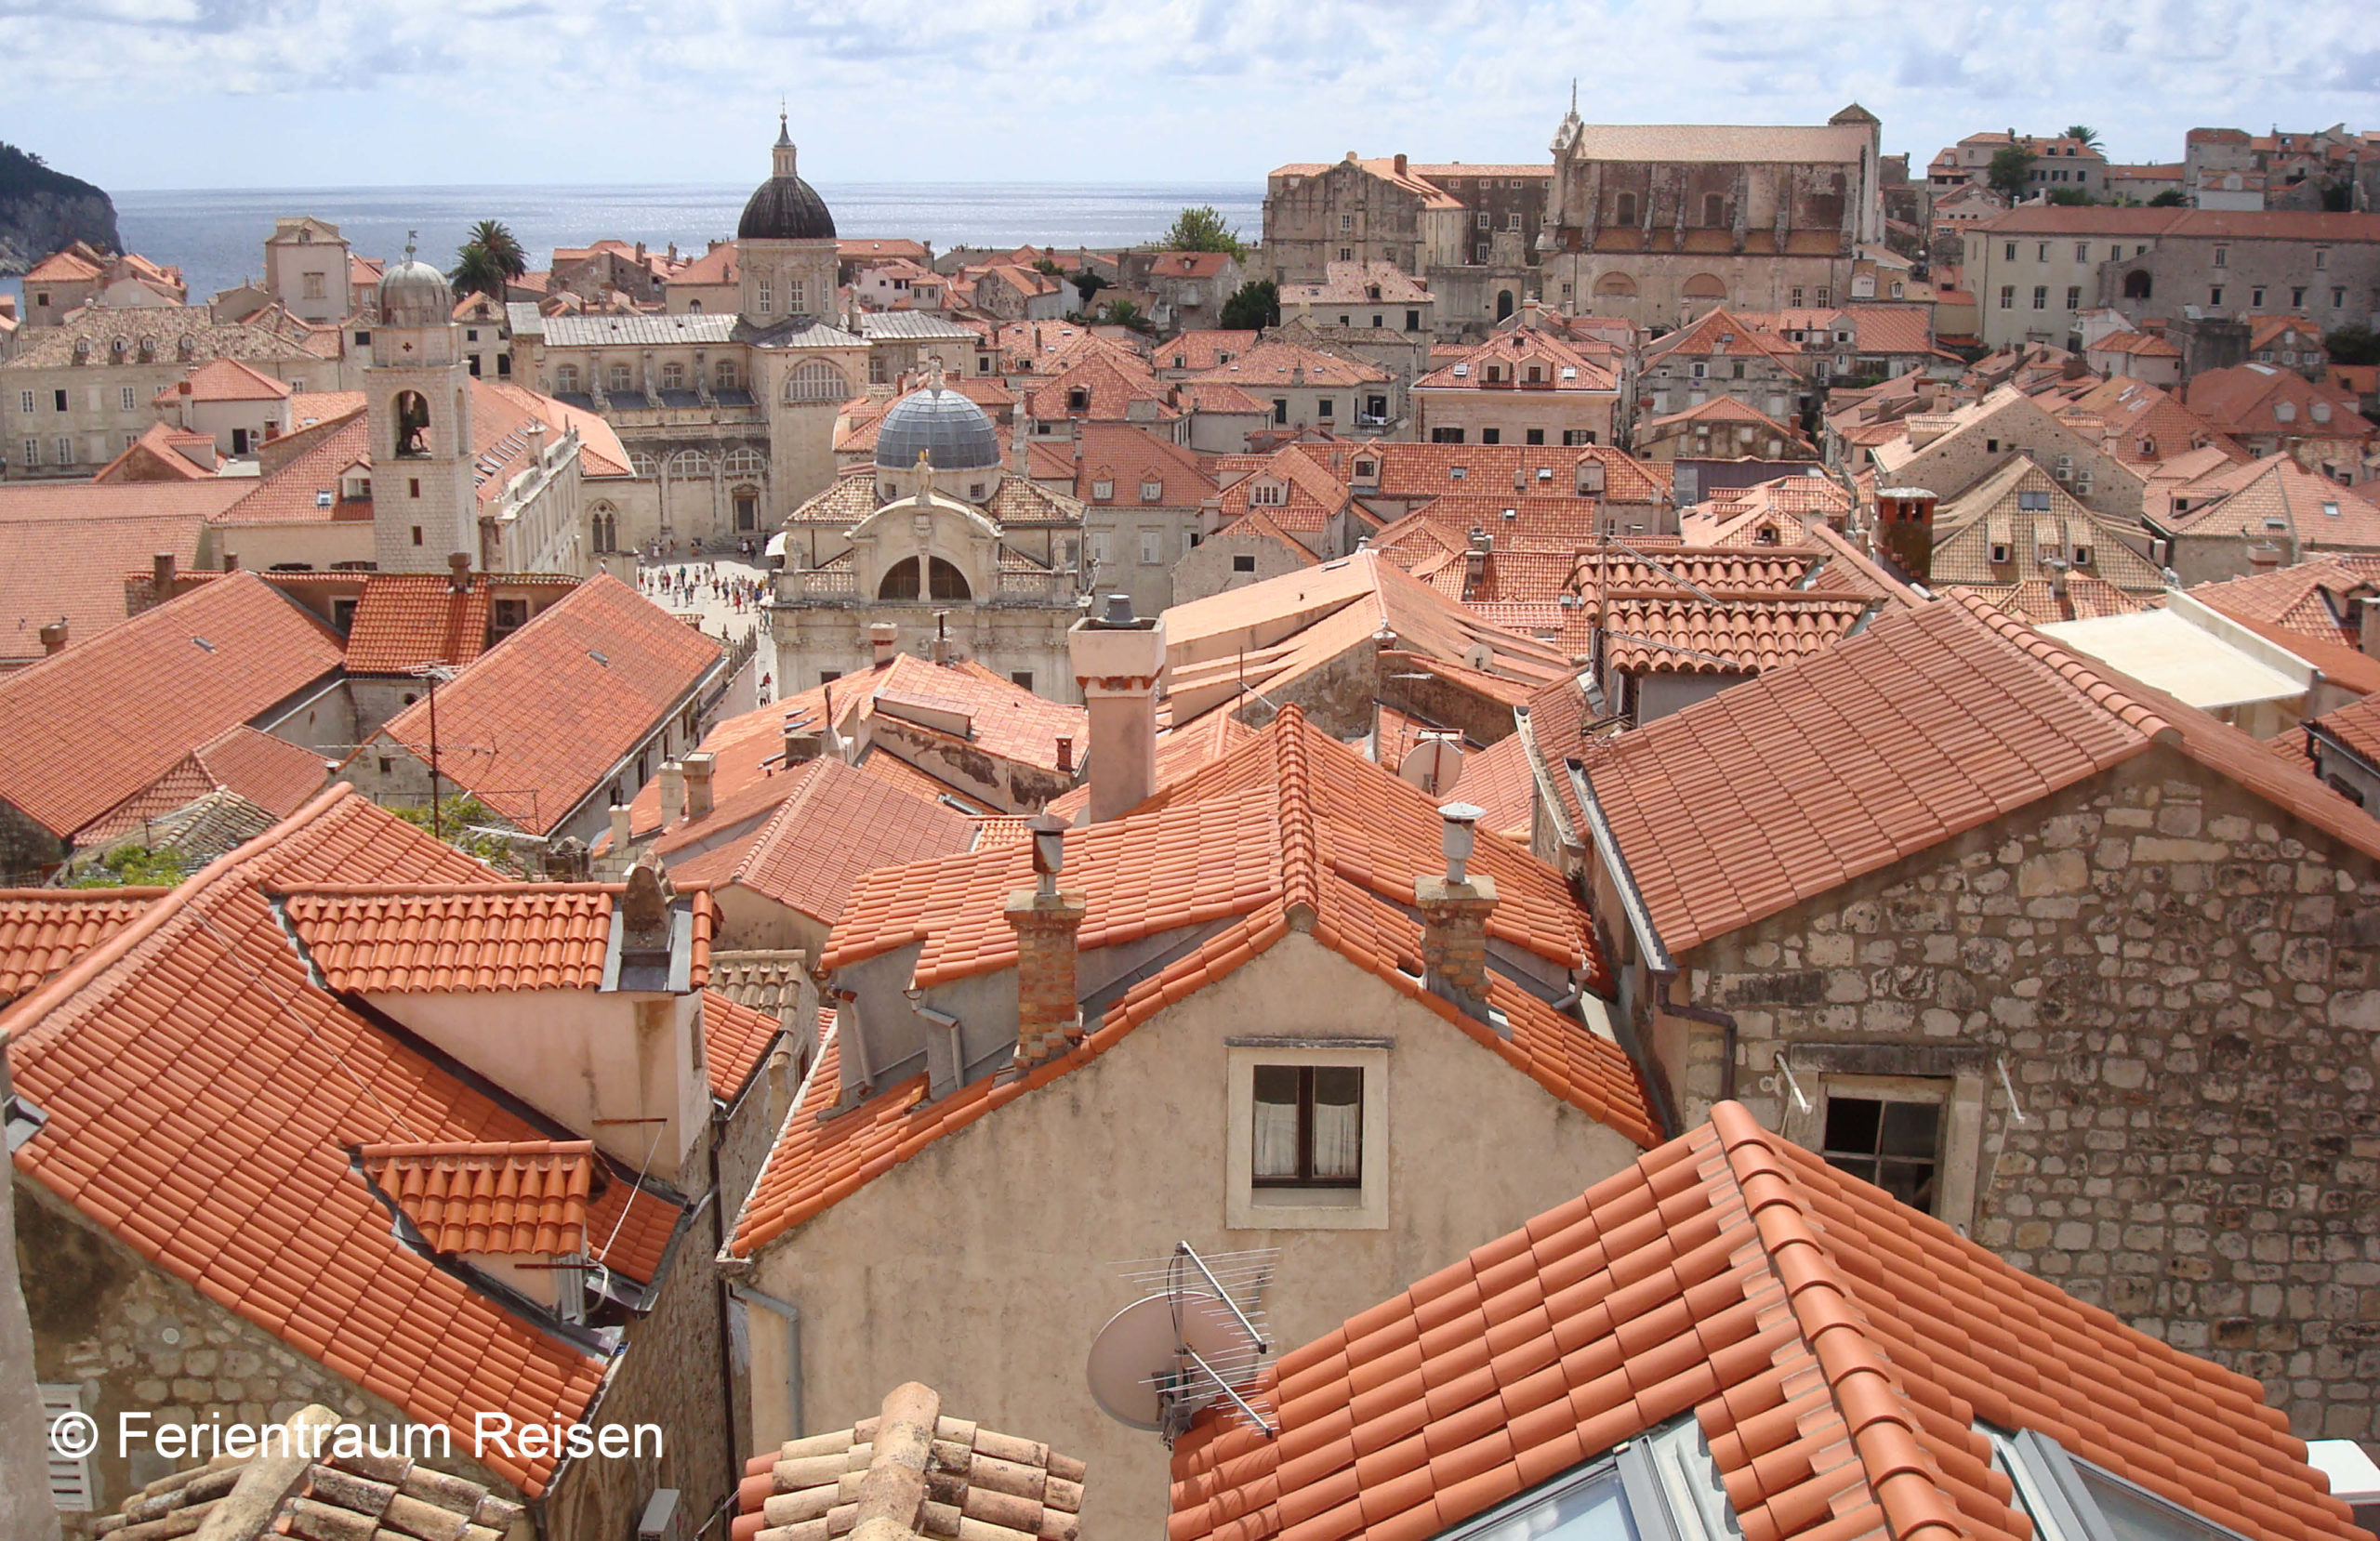 Ferientraum Reisen Adria Dubrovnik